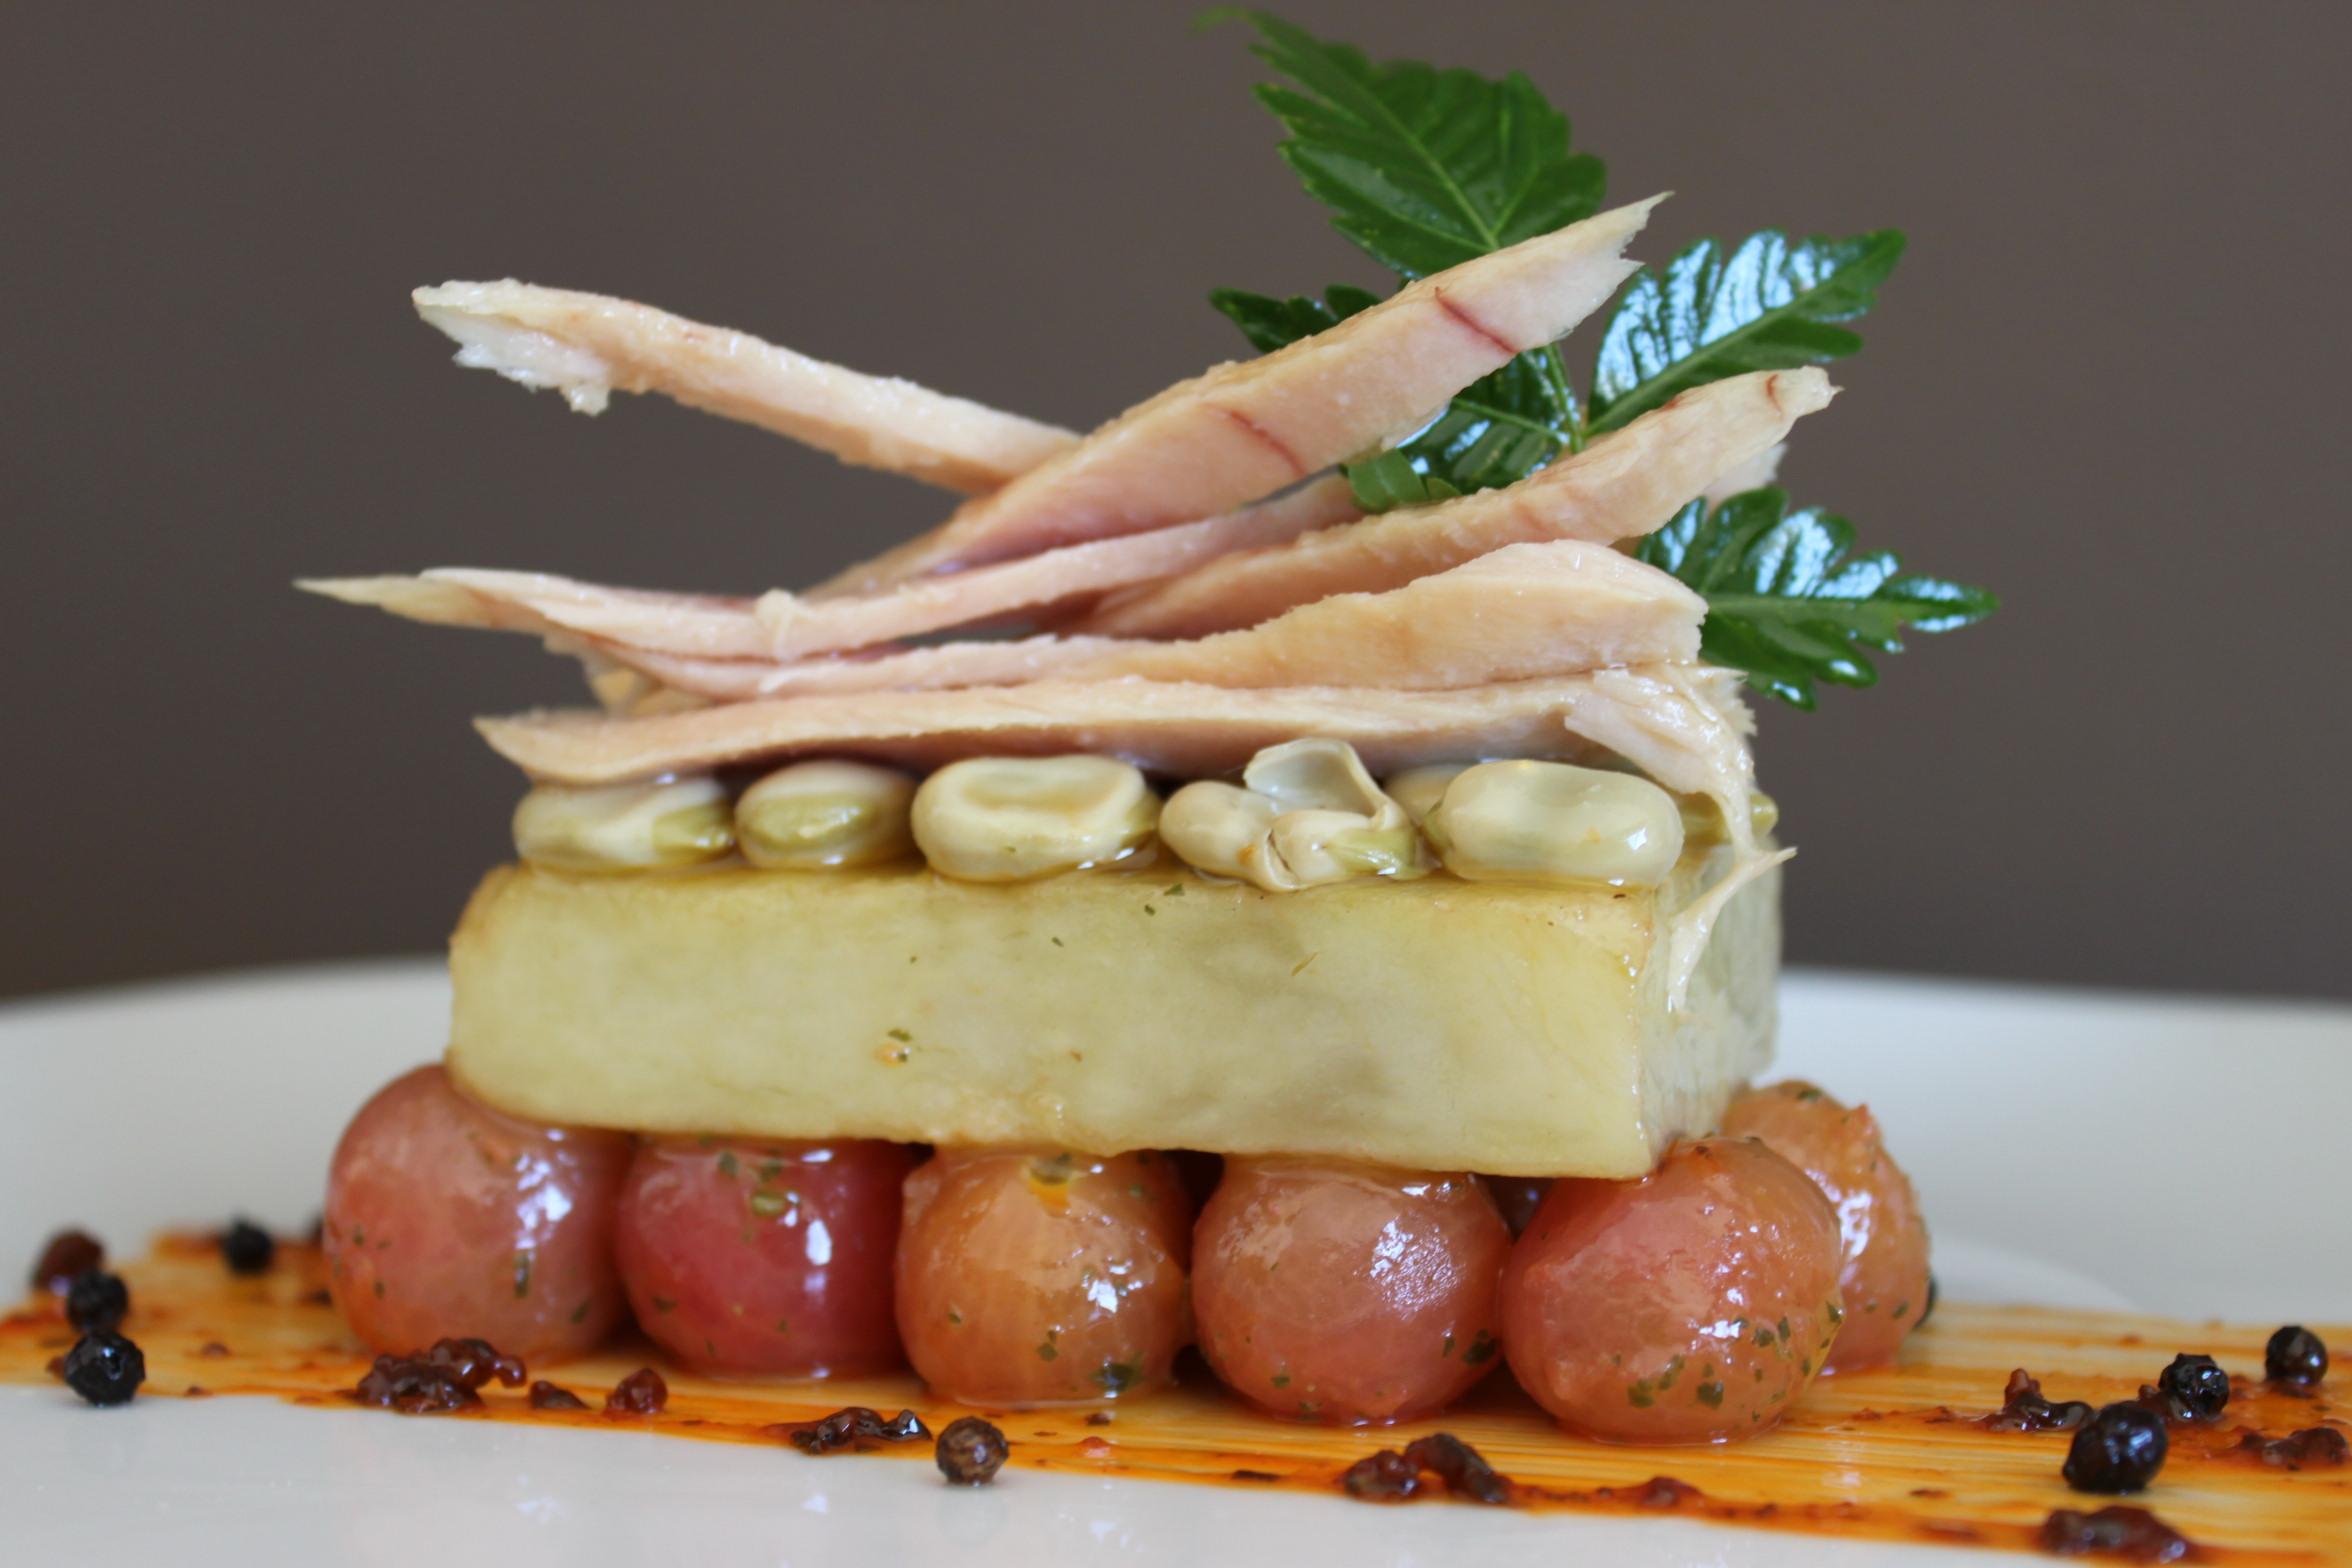 Tronco de patata confitada en aceite de oliva, con habitas tiernas y ventresca de atun